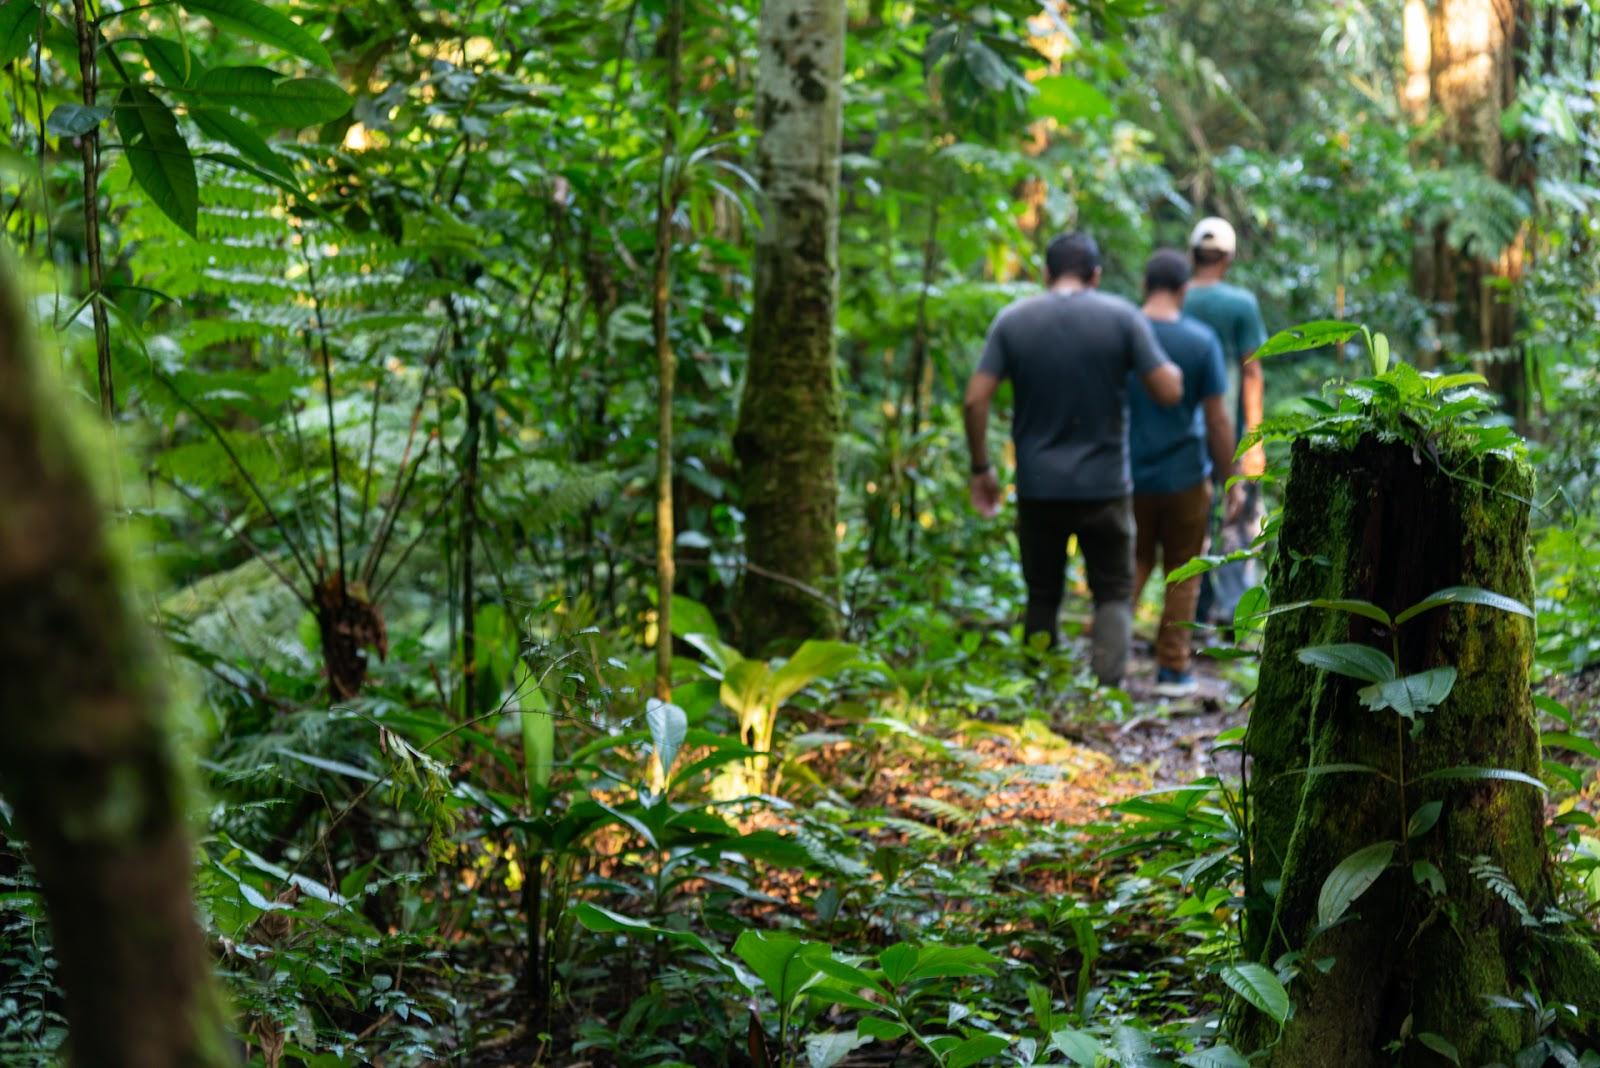 O potencial de crescimento da visitação a áreas naturais no Brasil